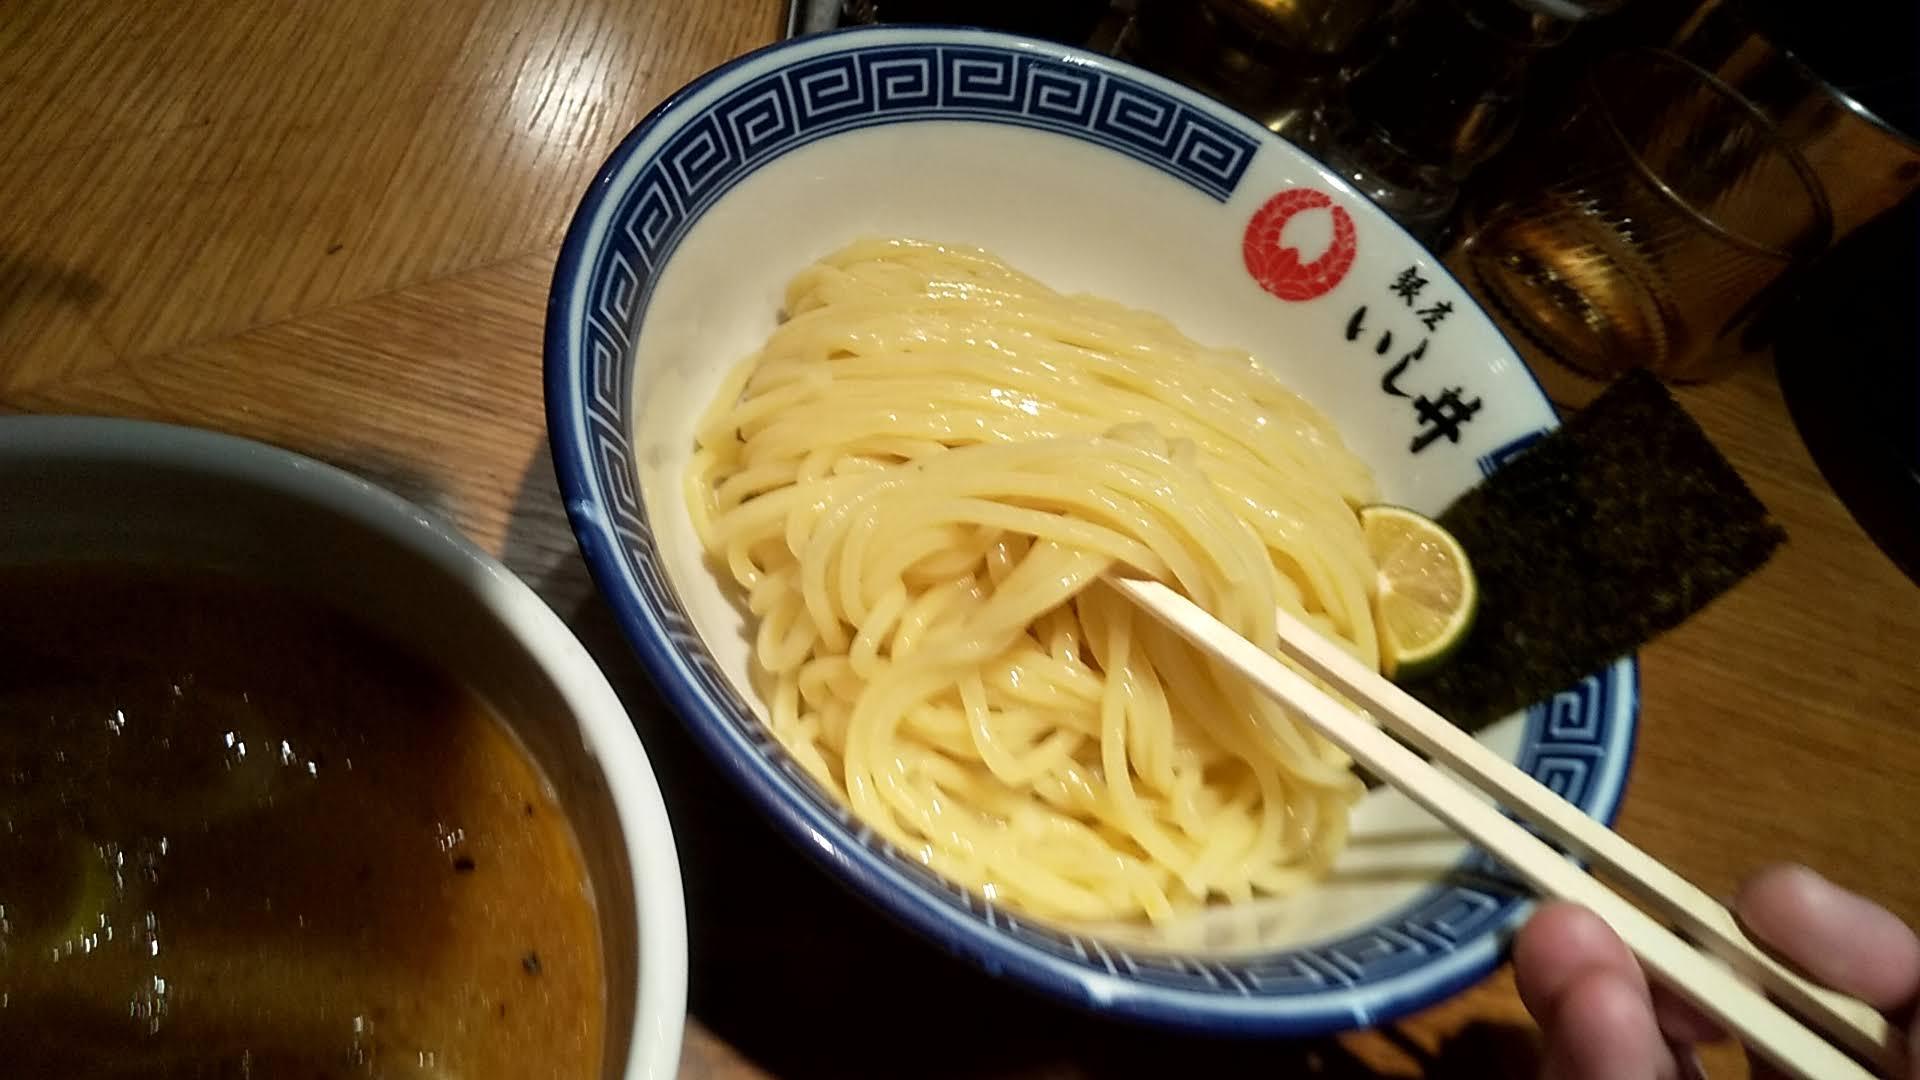 銀座いし井下北沢店のつけ麺の麺リフト